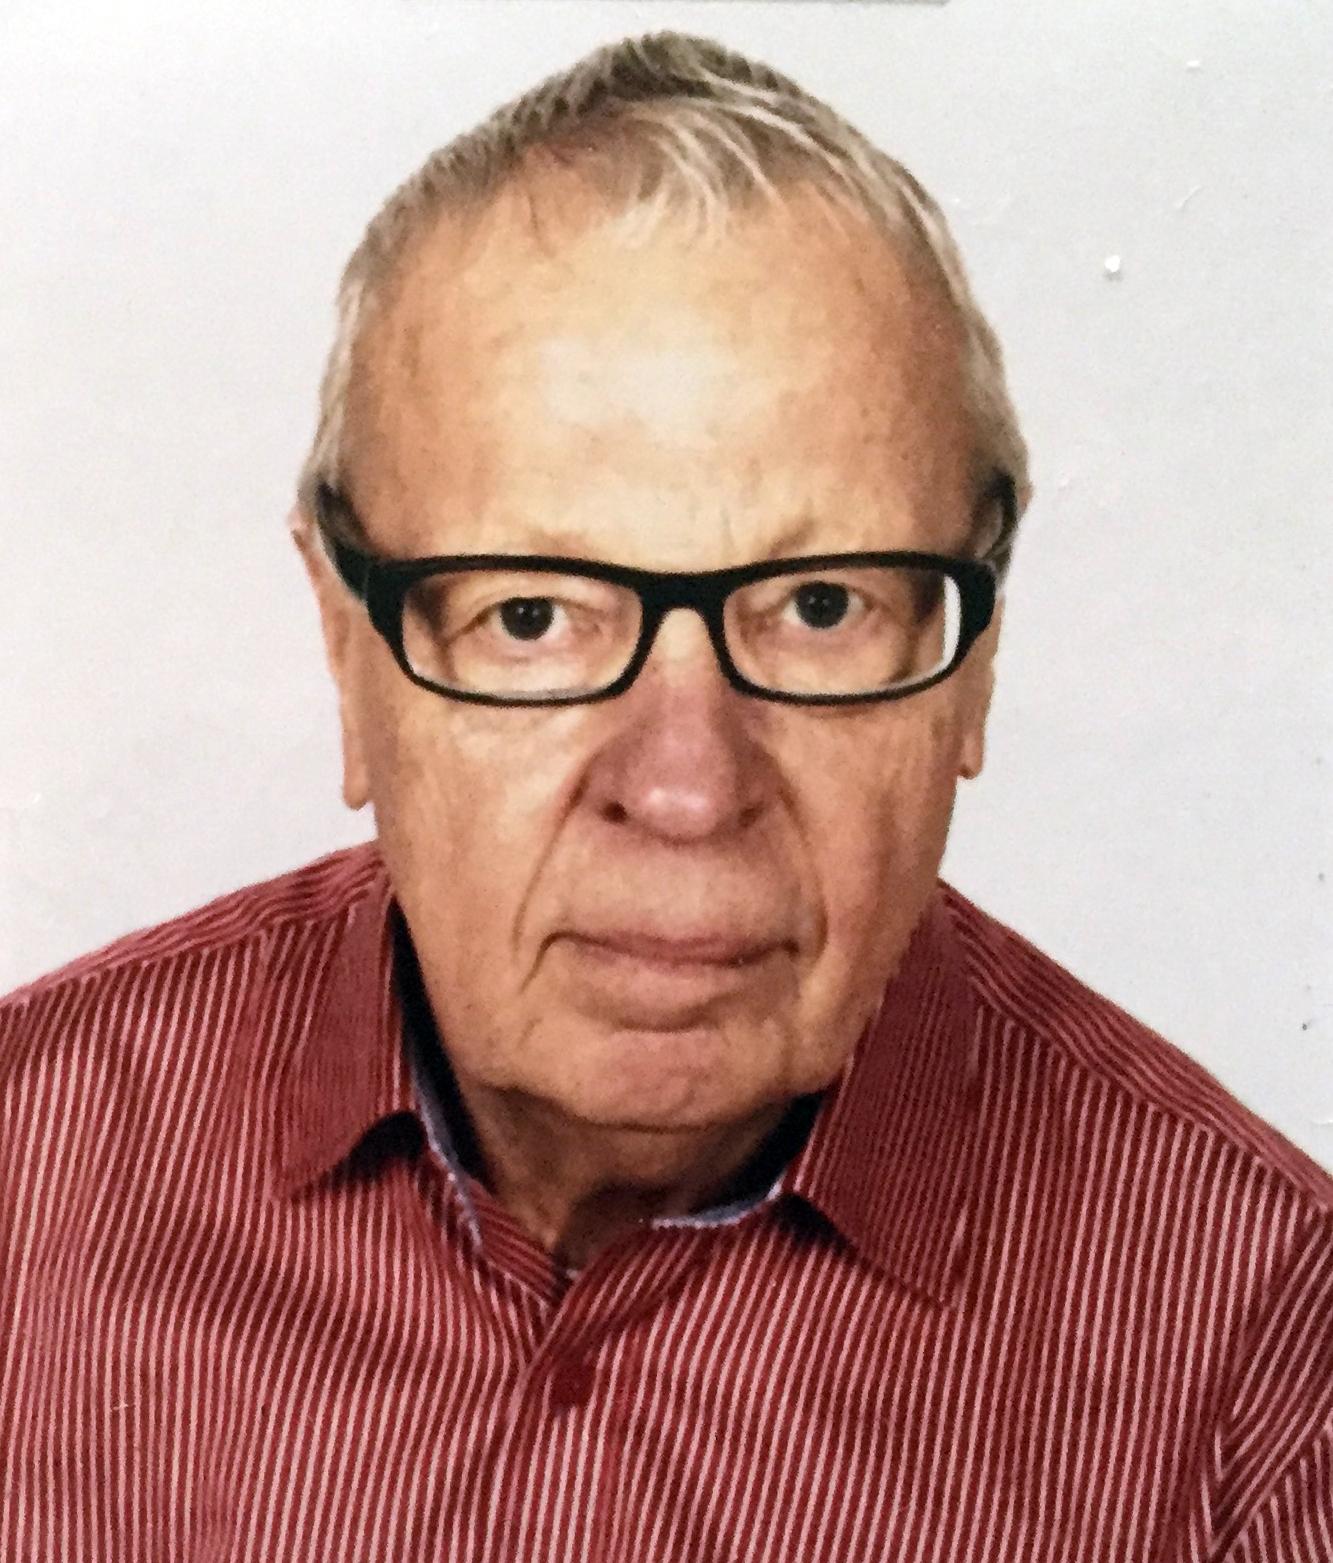 Hilding Eklund